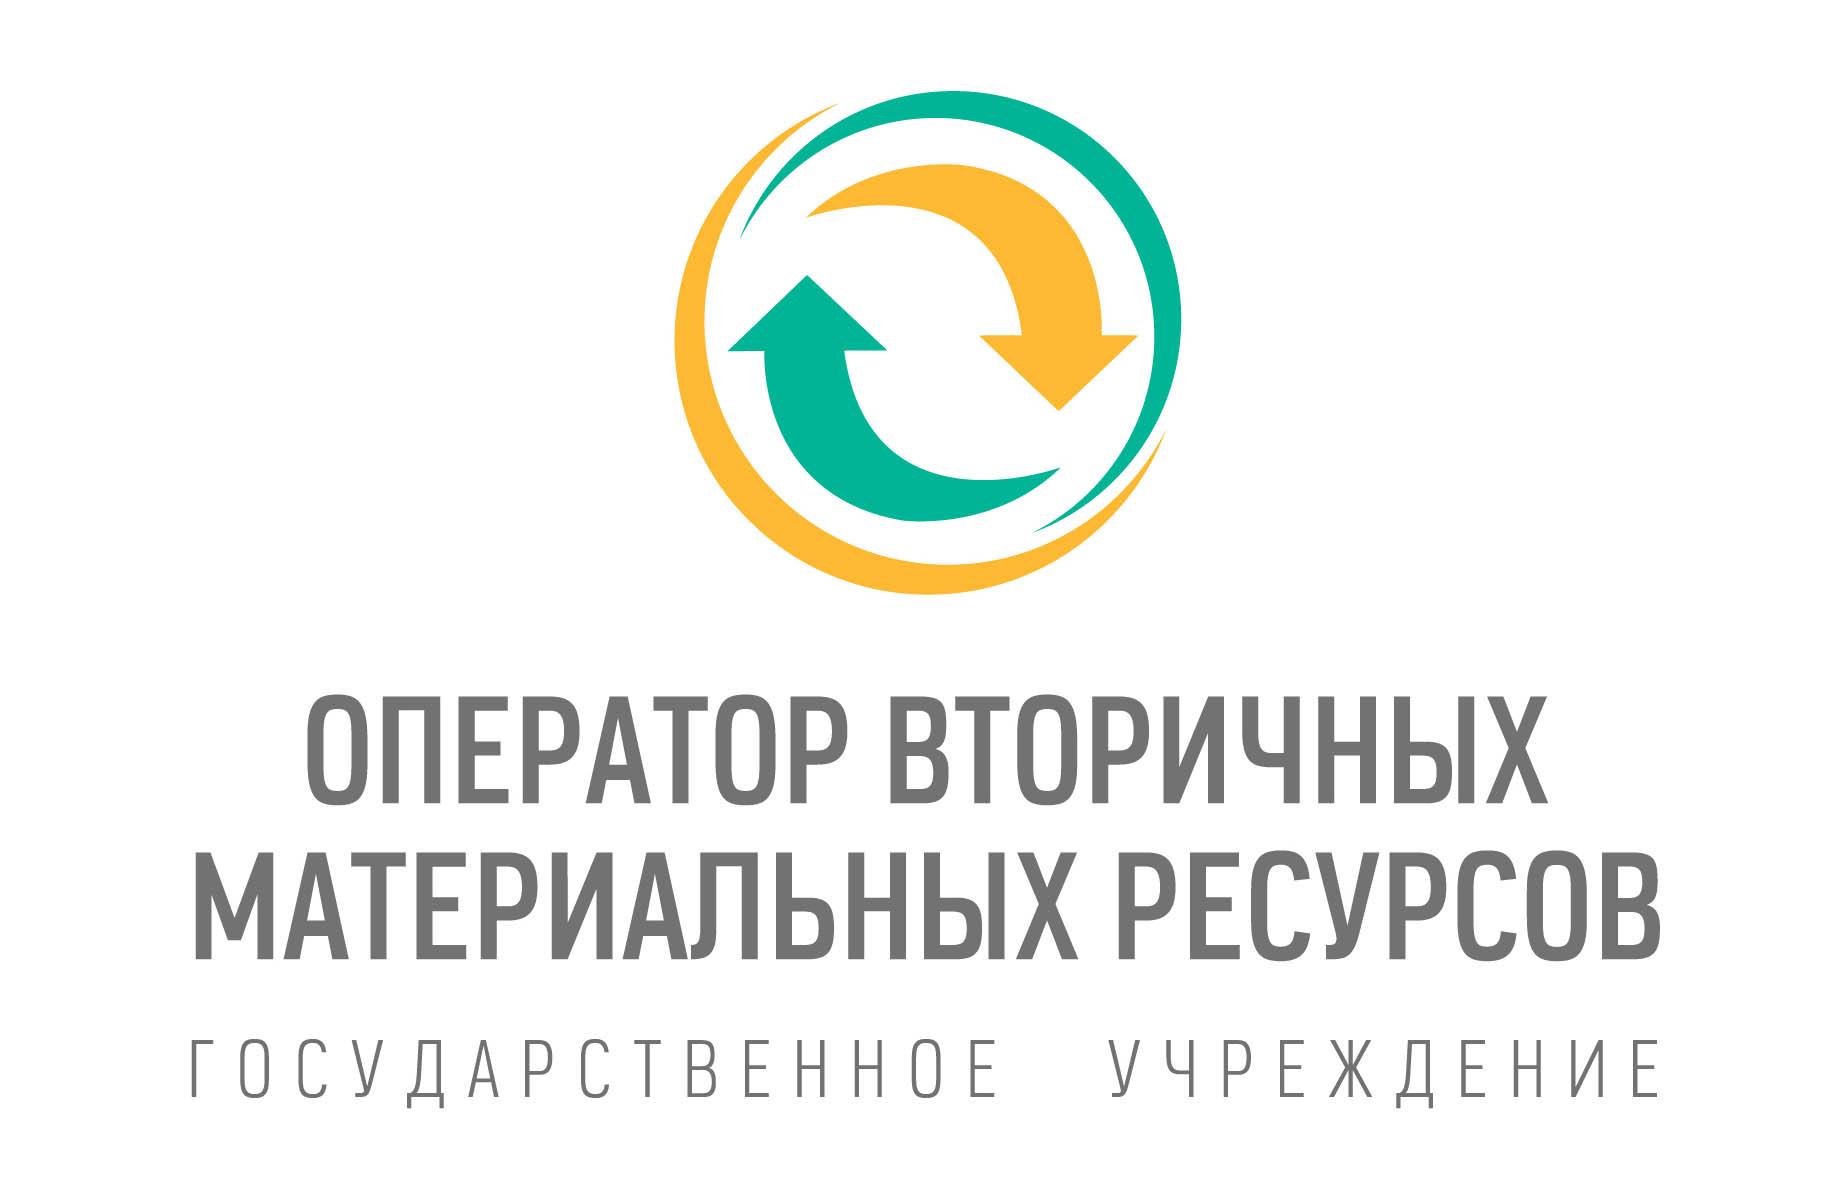 vte33333